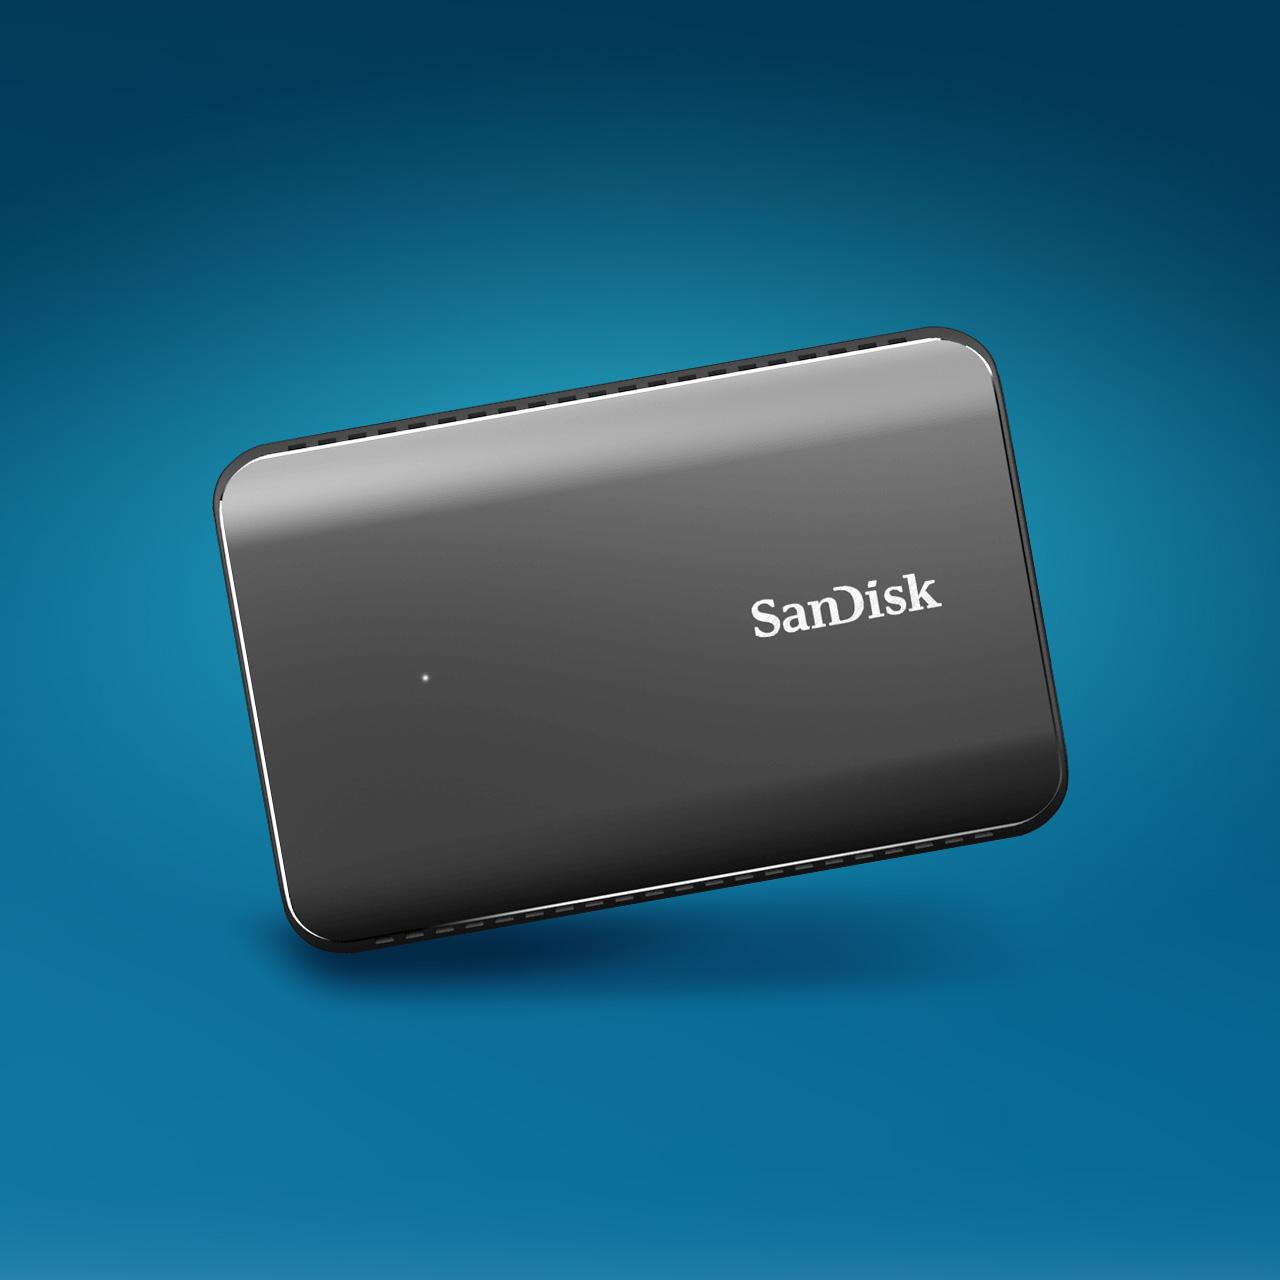 サンディスク CREATOR'S SESSION<br> データの転送がこれだけ速ければ作業の効率が大きく変わる | エクストリーム900 ポータブルSSD